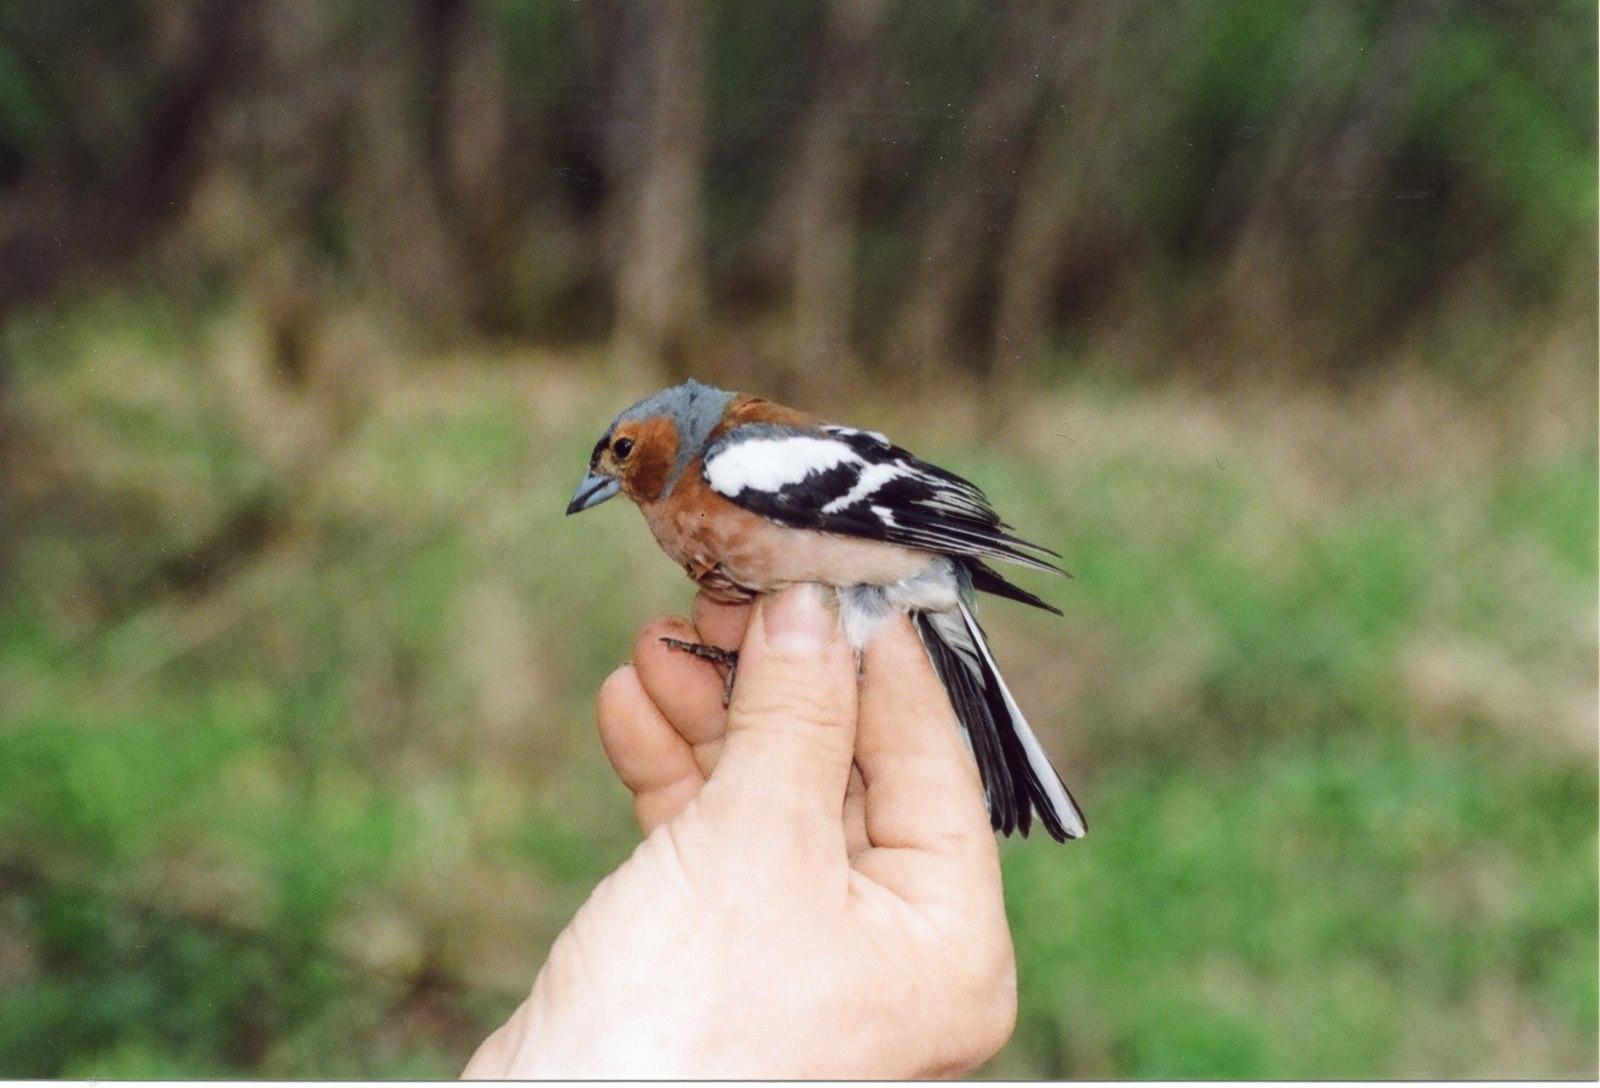 Common Bird Census, или биоинформатика в орнитологии. Проект в хорошие руки - 1